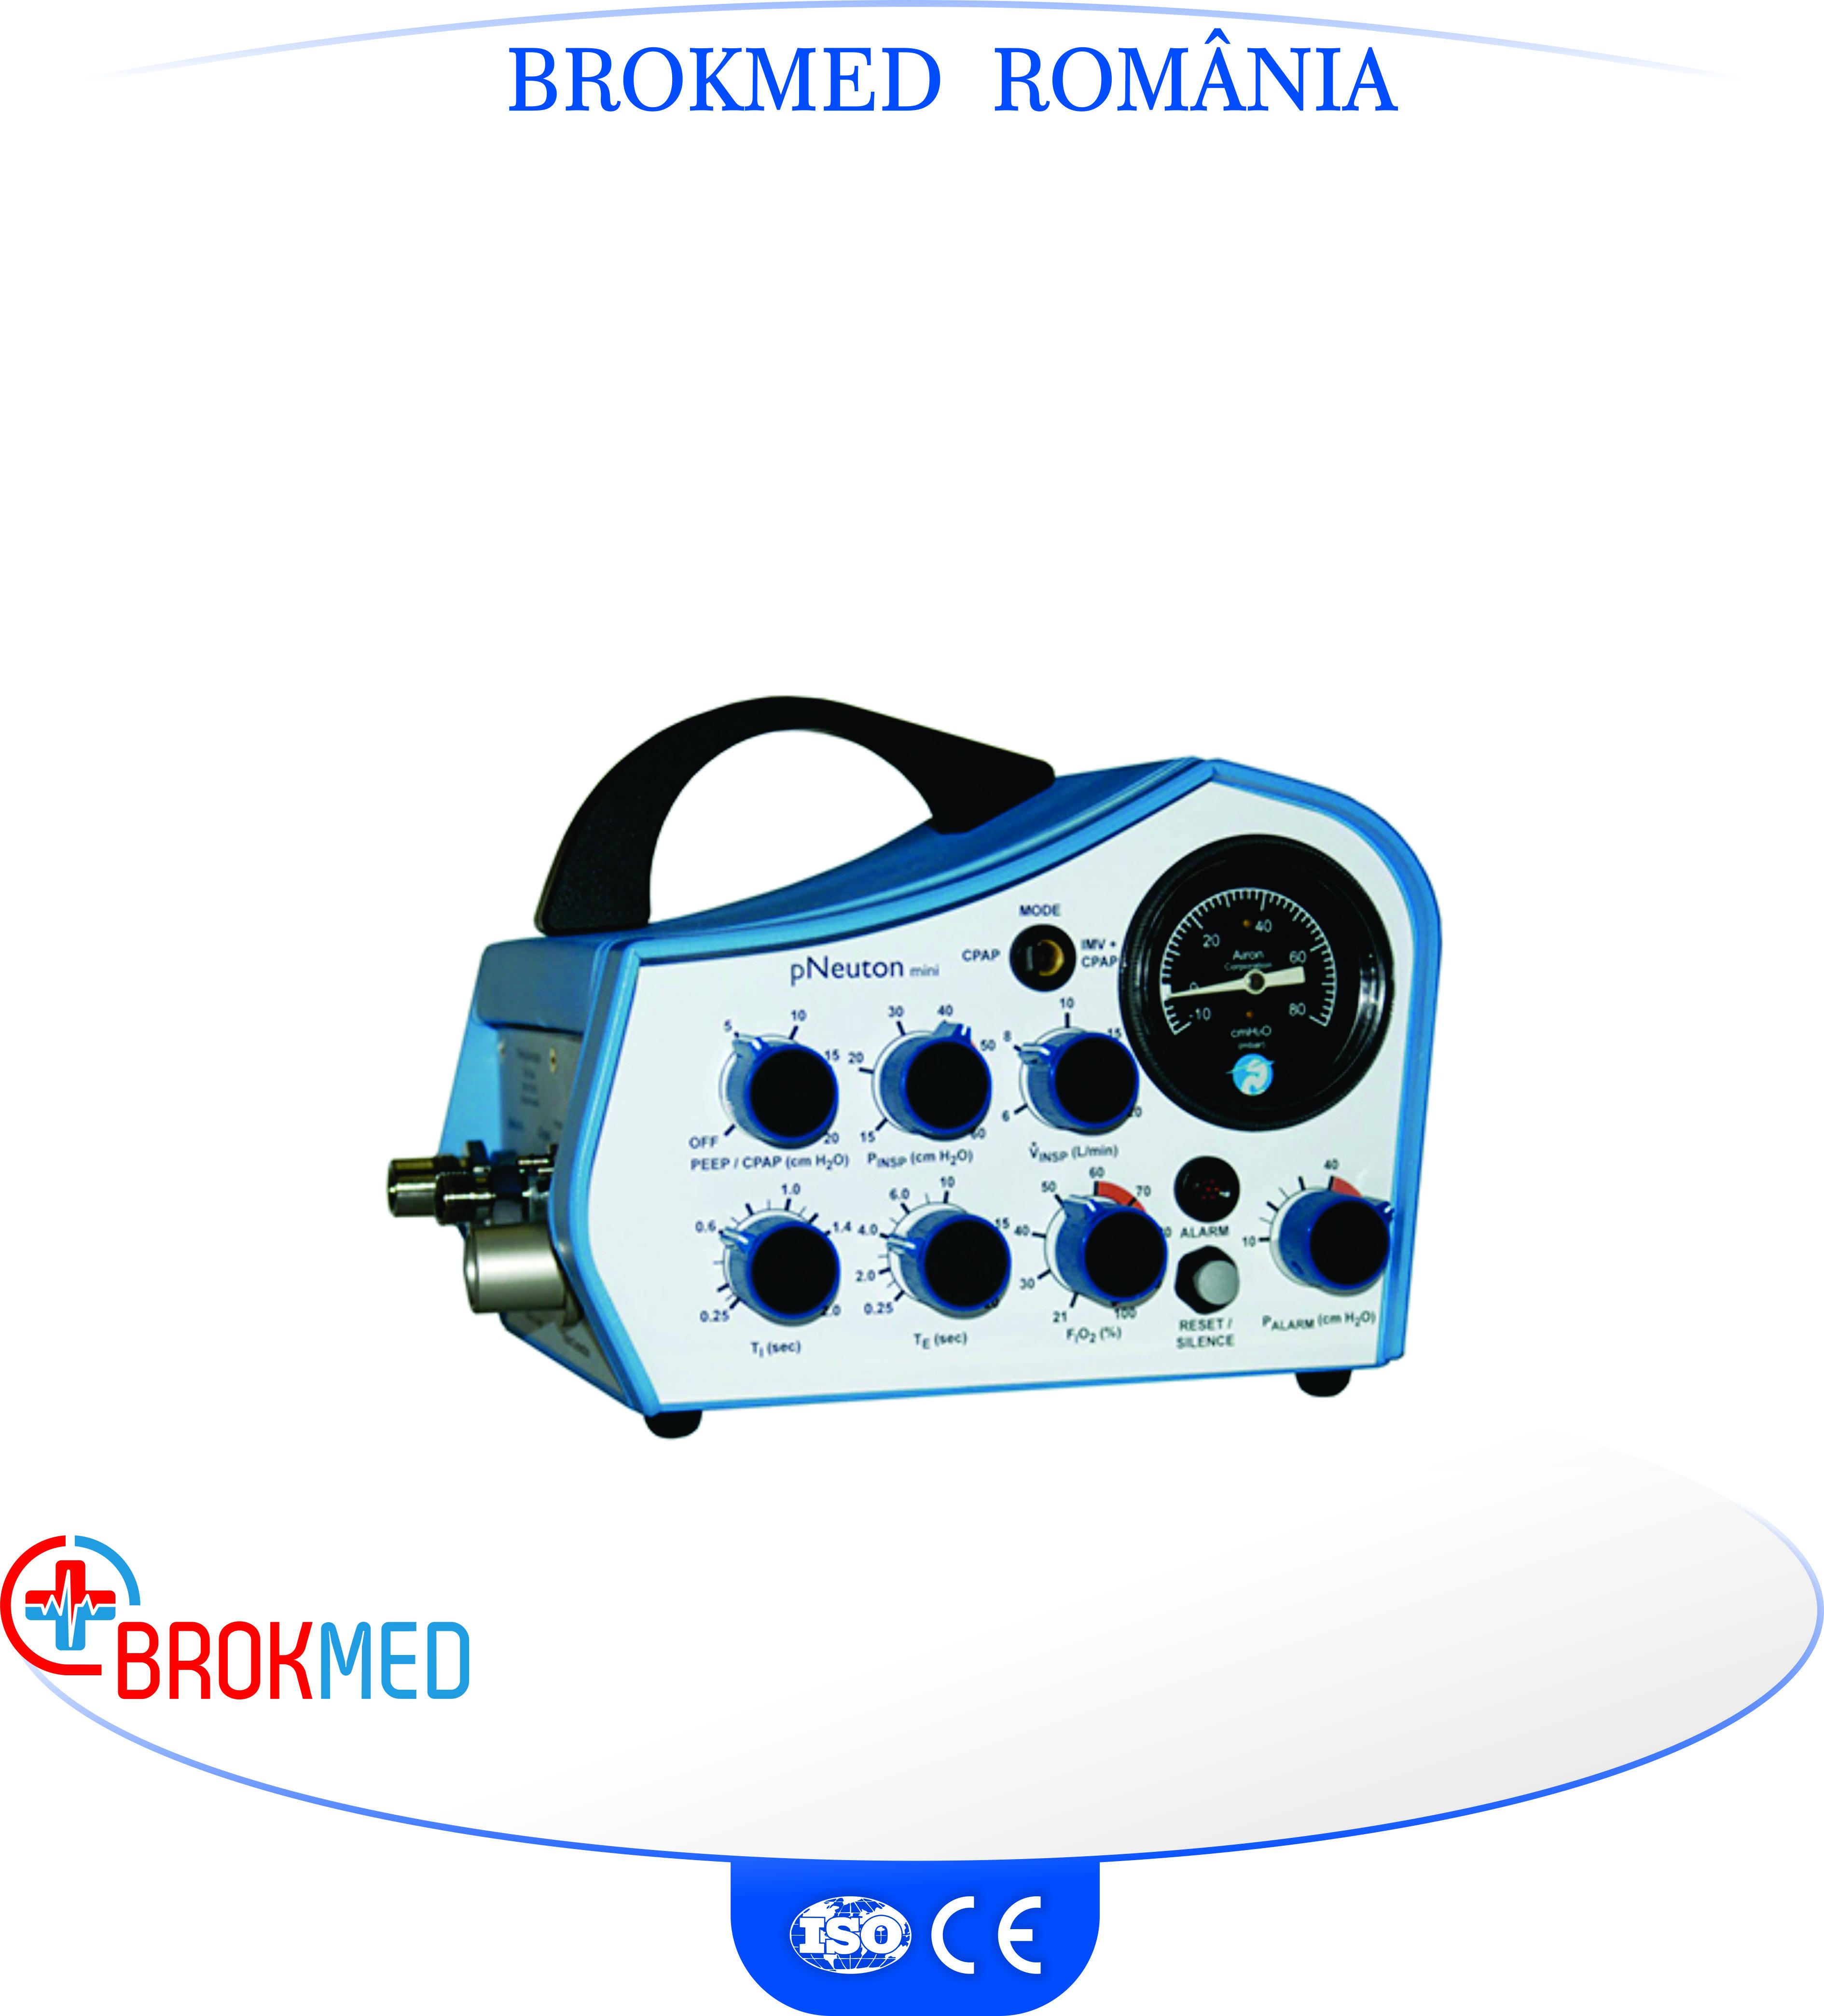 Ventilator portabil pNeuton mini compatibil RMN